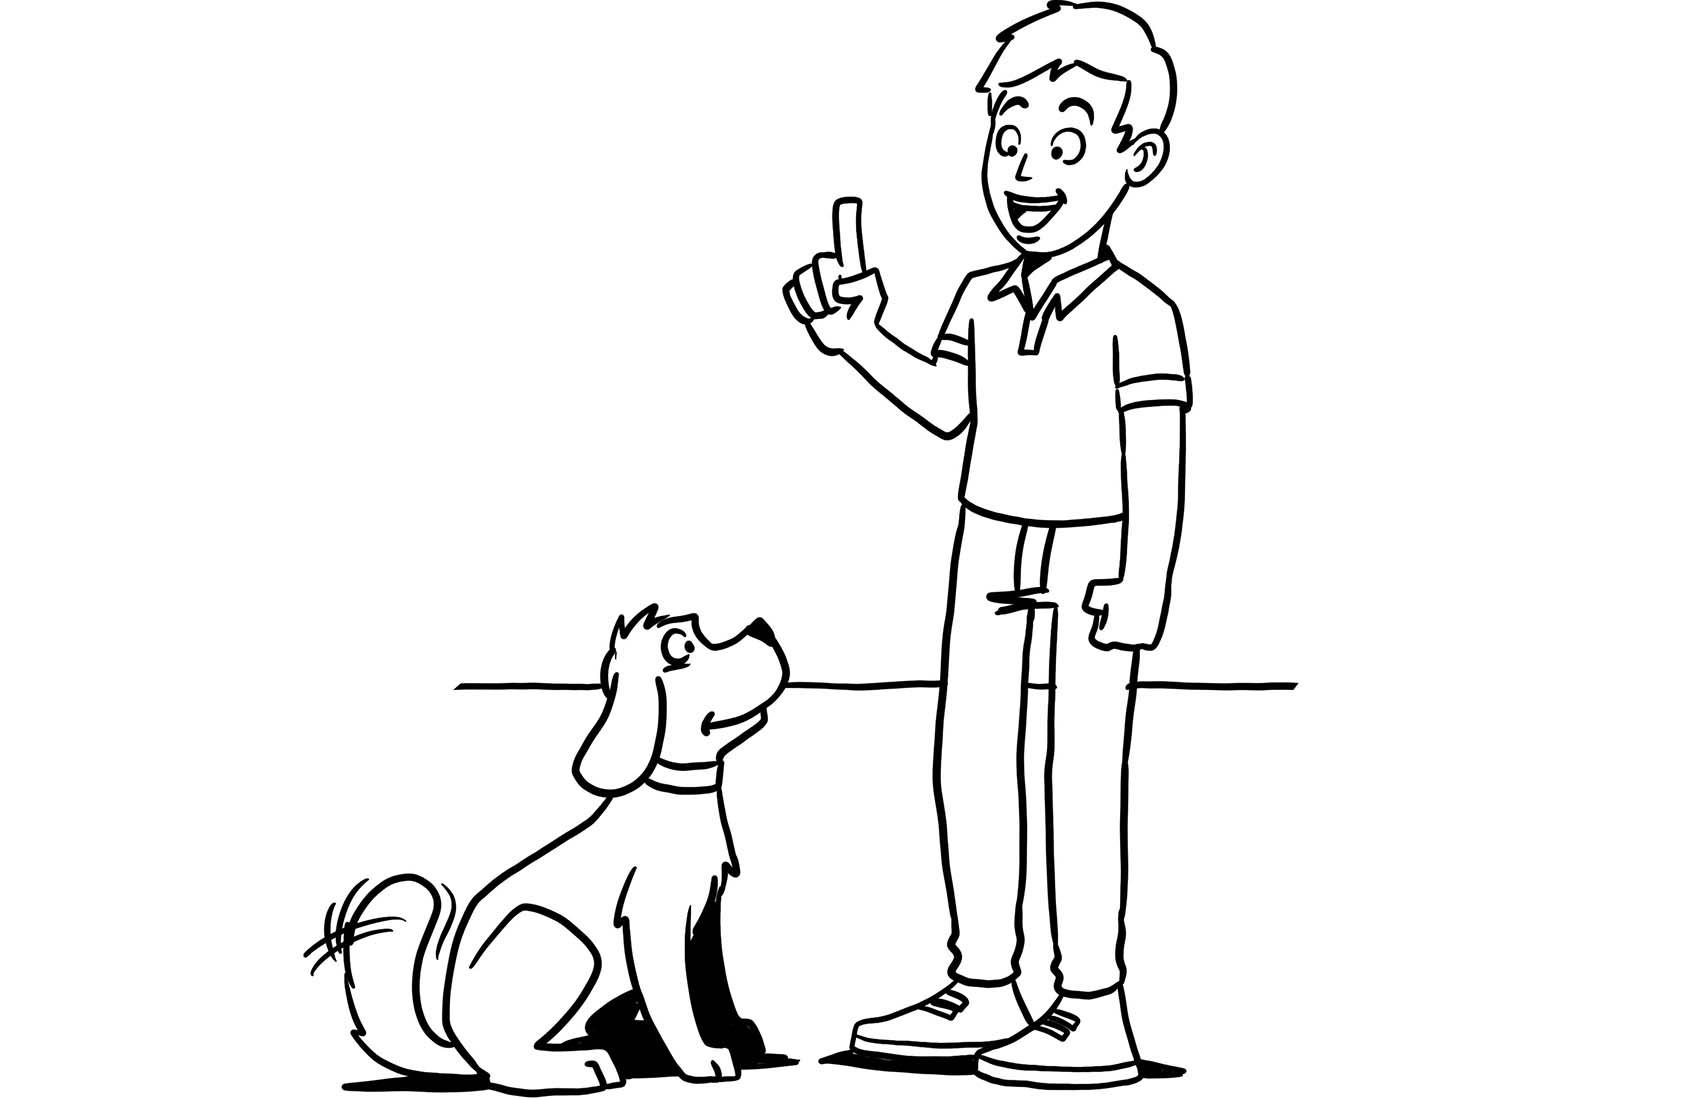 Illustration eines Mannes, der mit seinem Hund trainiert